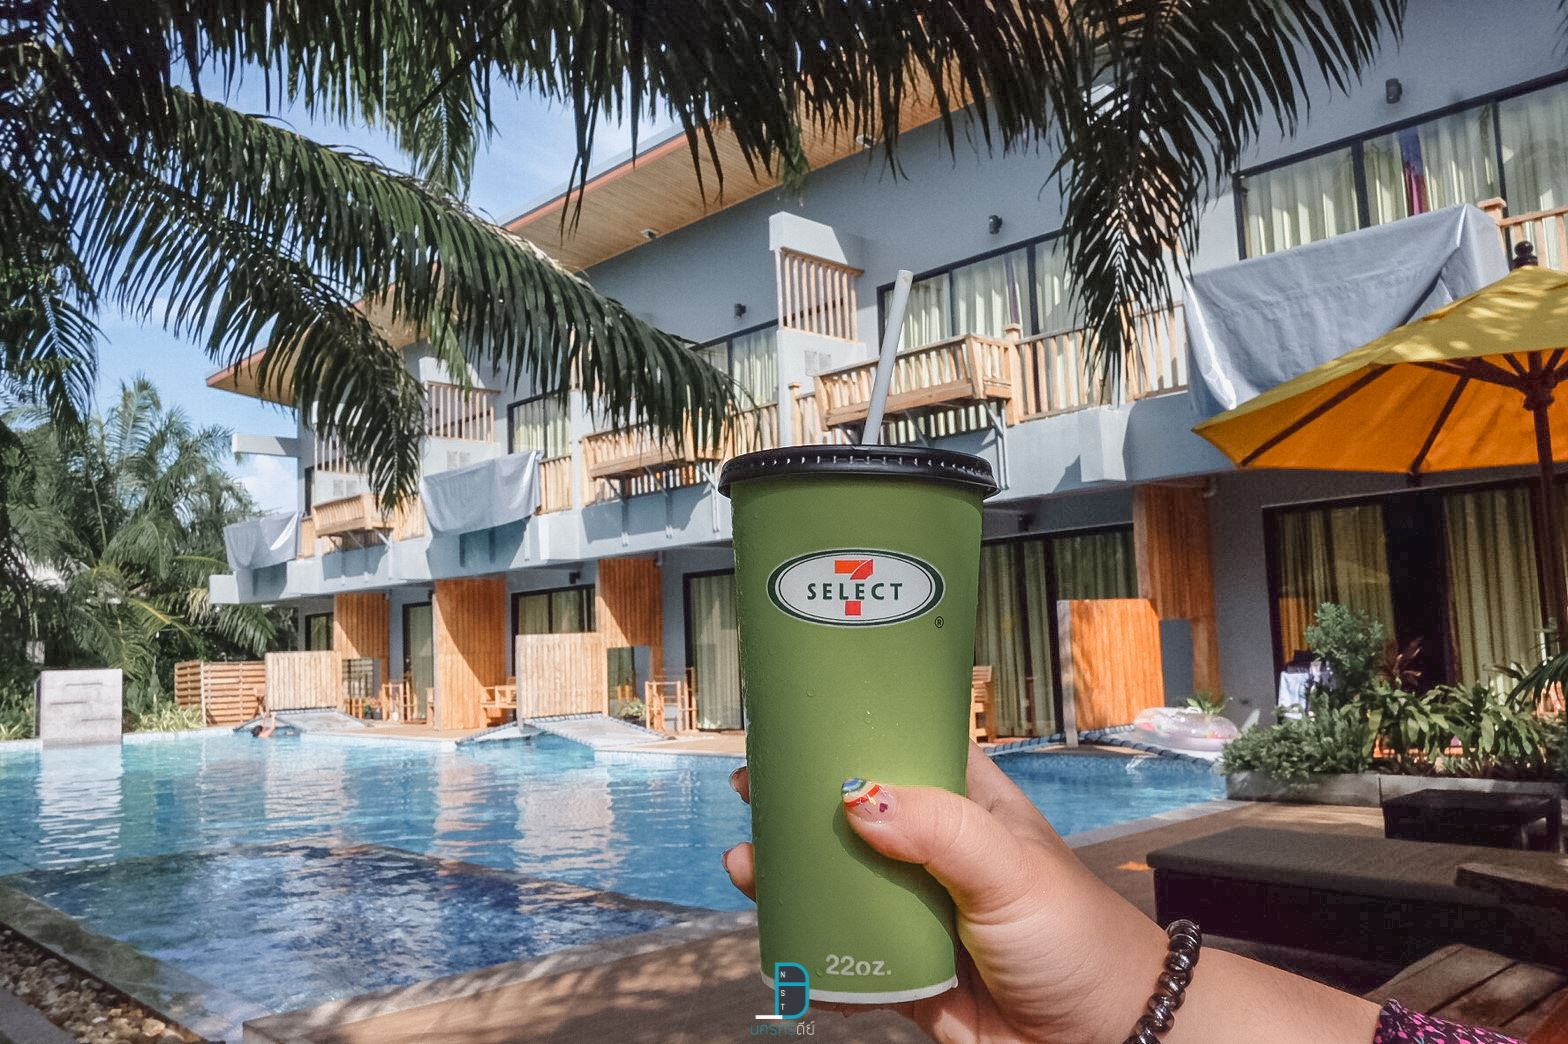 บรรยากาศชิวๆ-หยิบชาเย็น-7-11-มาทานต่อออ-อร่อยฟินนน  ขนอม,เที่ยวไหนดี,จุดเช็คอิน,ของกิน,โรงแรม